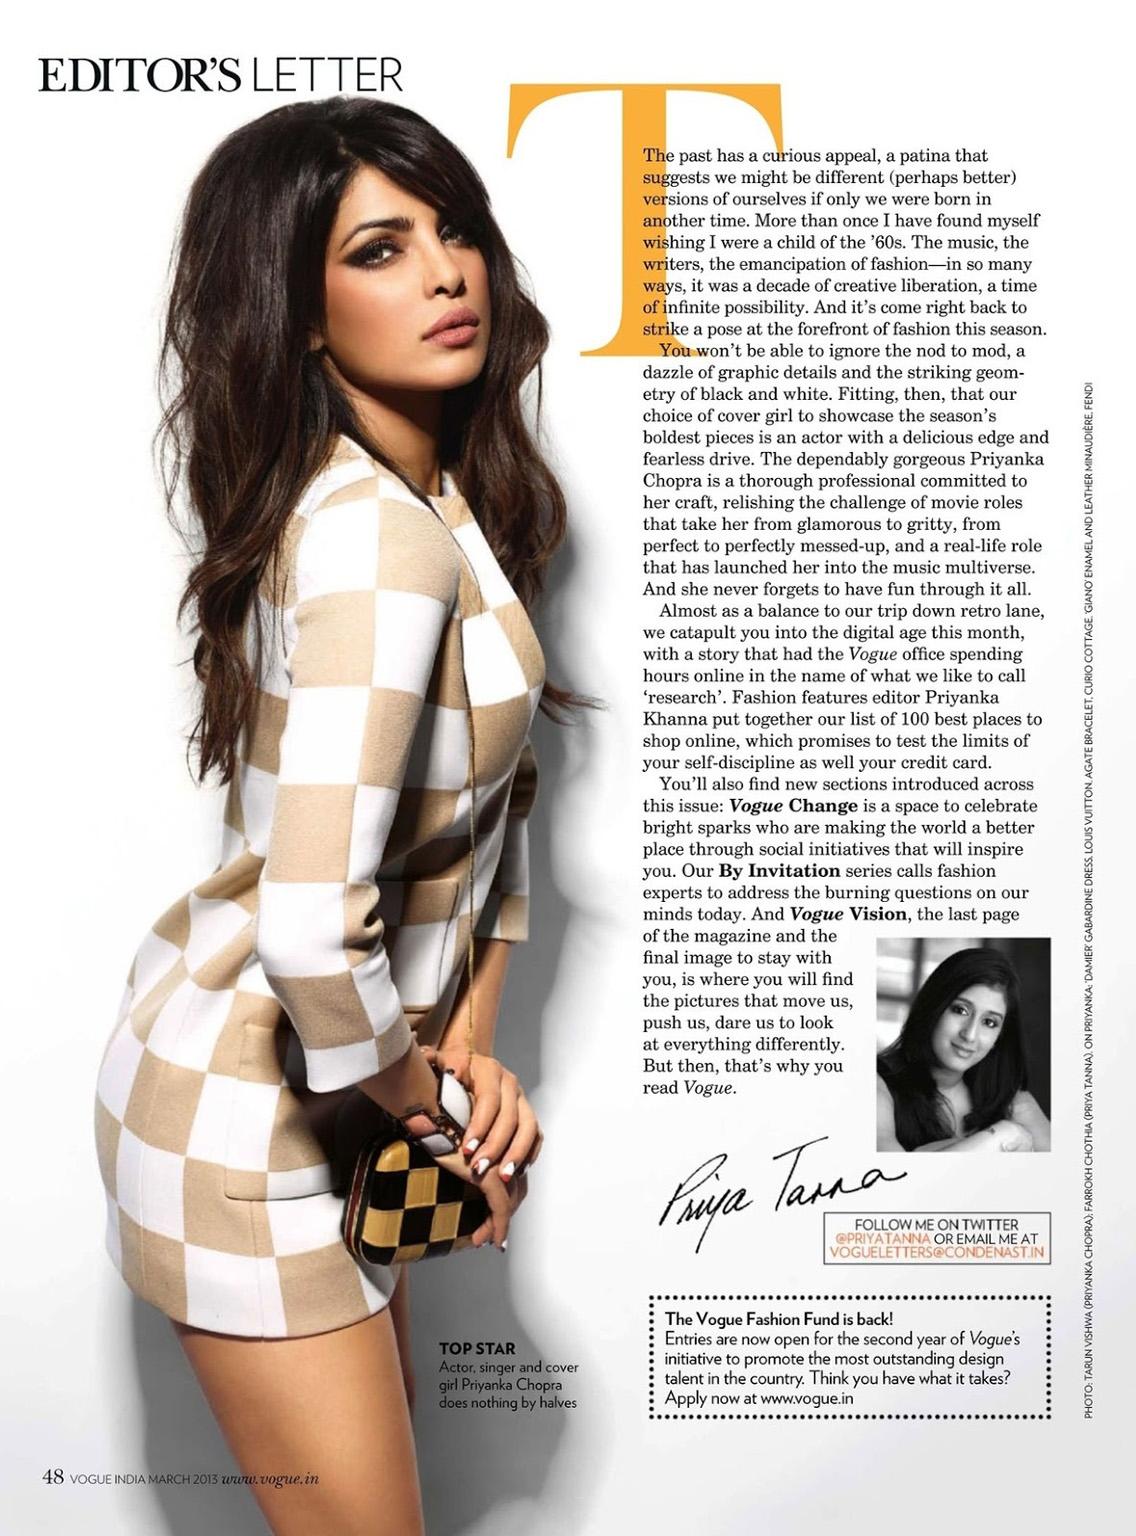 Priyanka Chopra 2013 Magazine